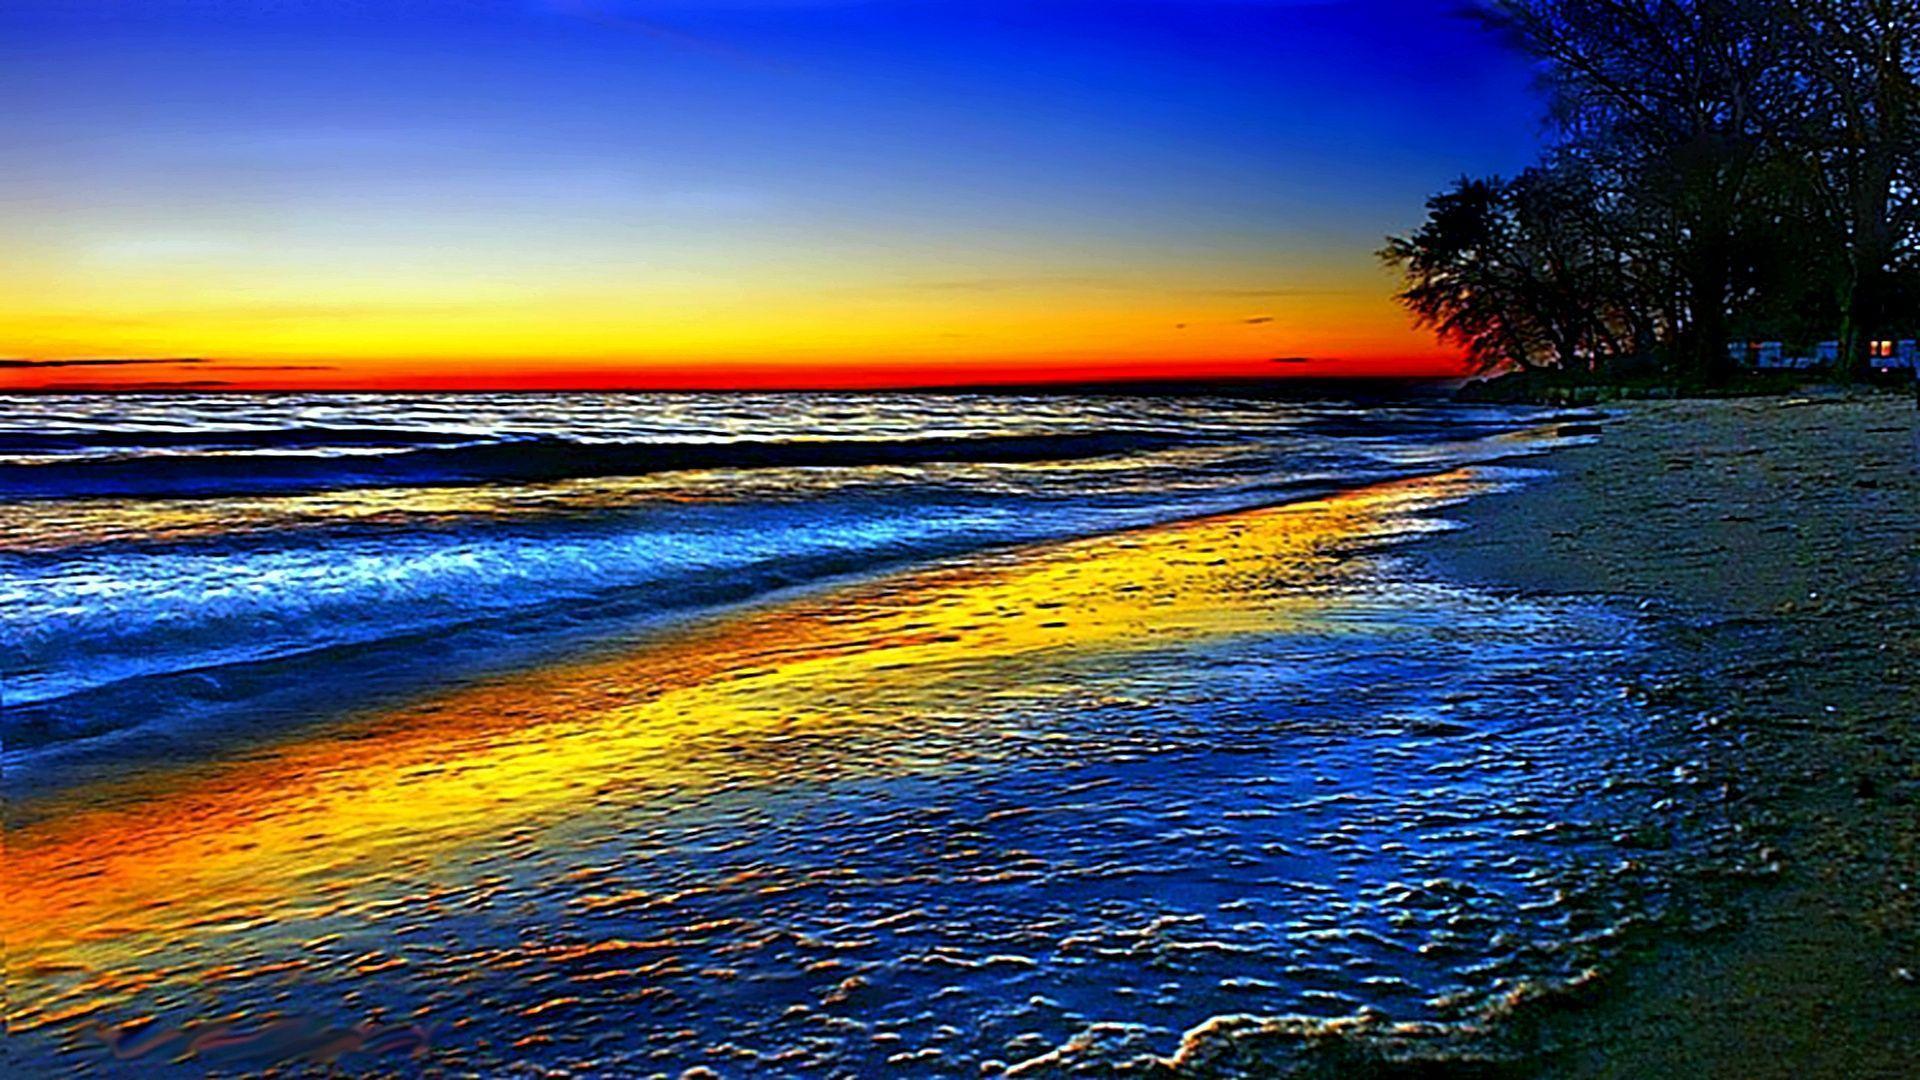 цветные моря картинки одеяло своими